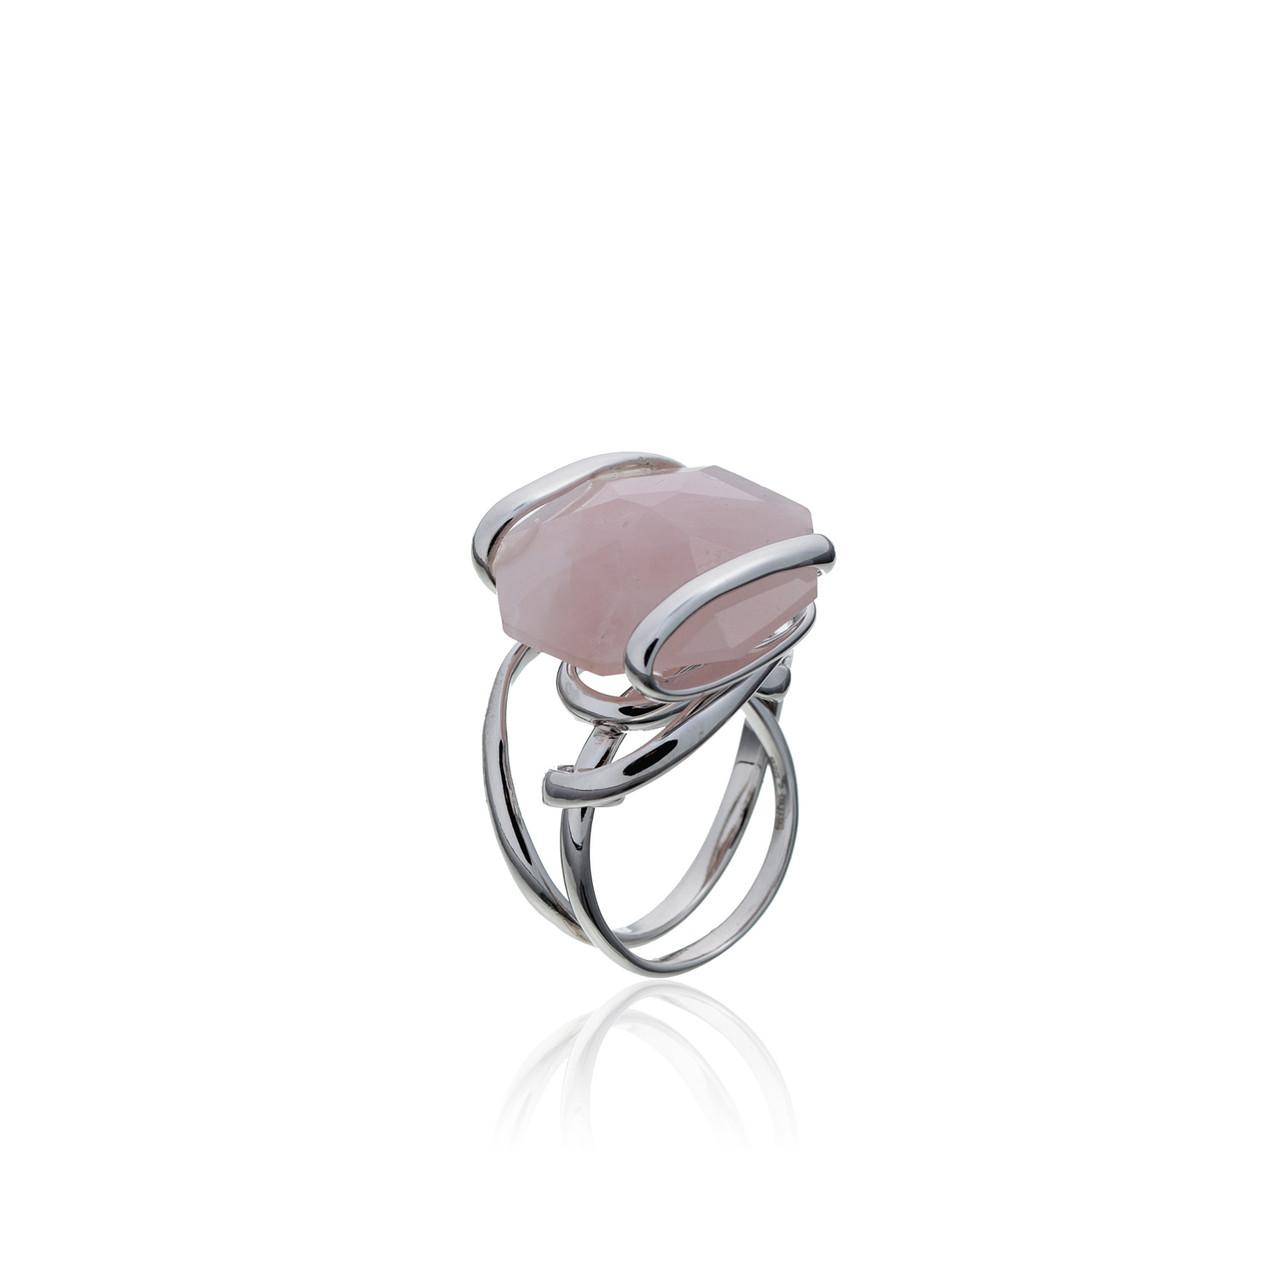 Серебряное кольцо с натуральным камнем. Вставка:розовый кварц, размер: 17р, вес:10,7гр